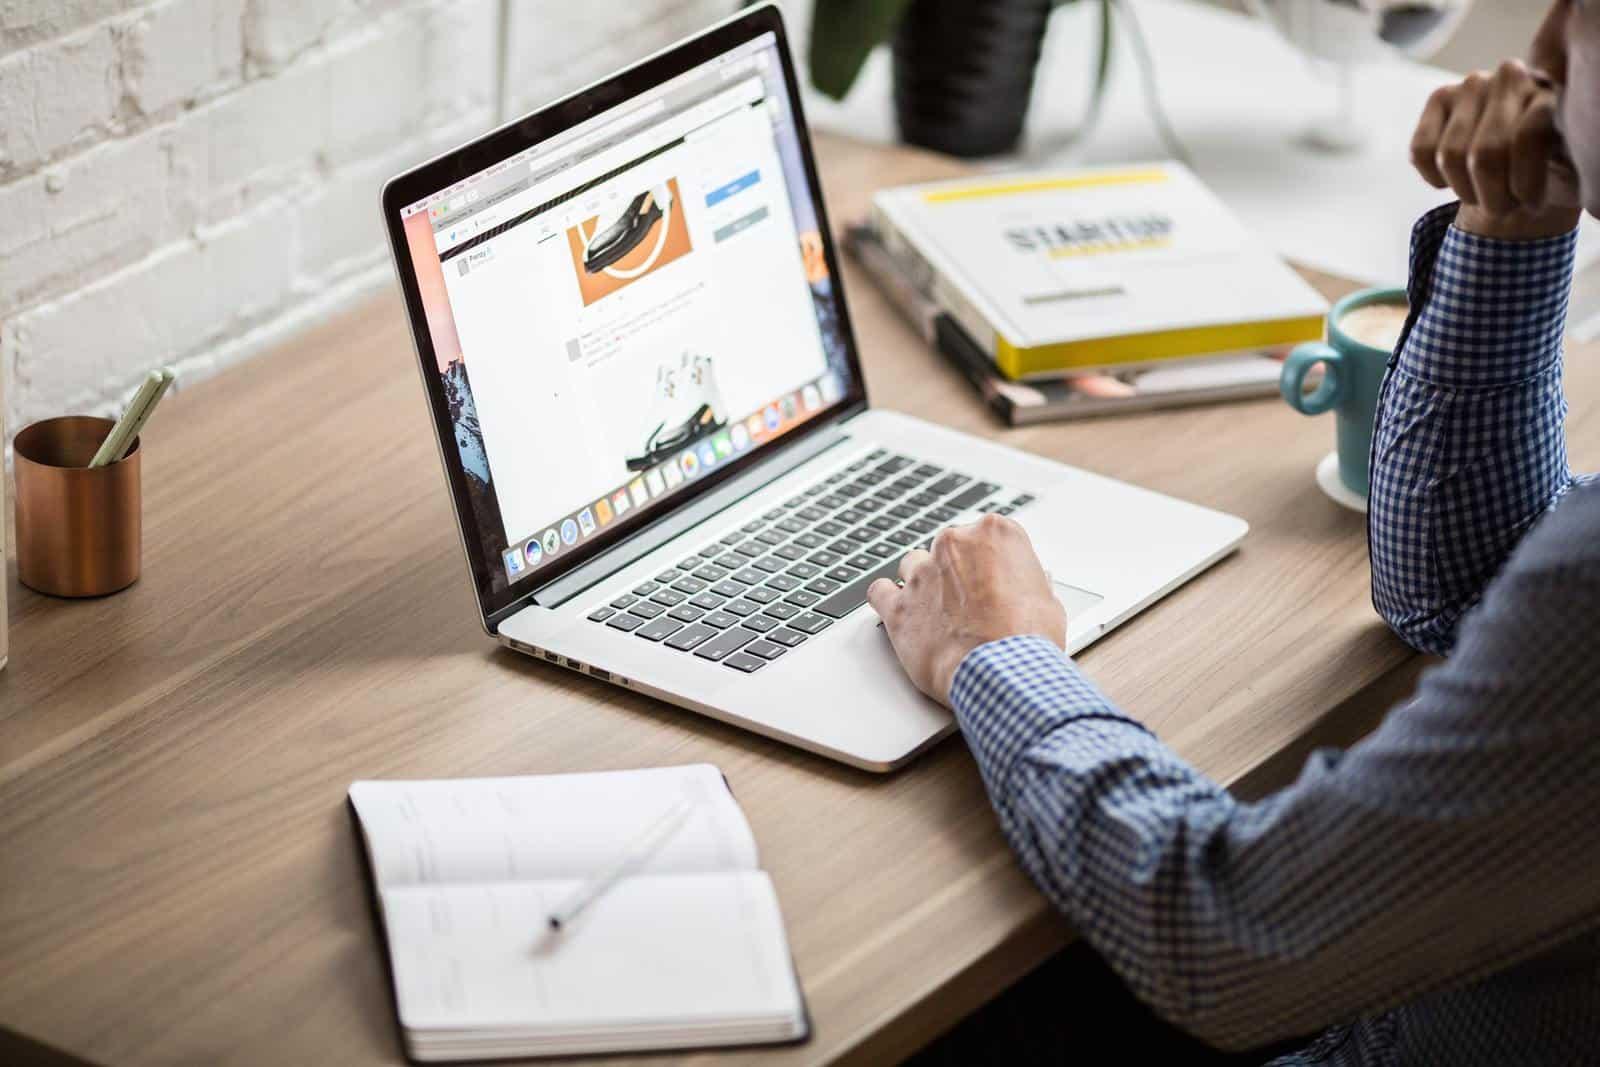 Man looking at laptop